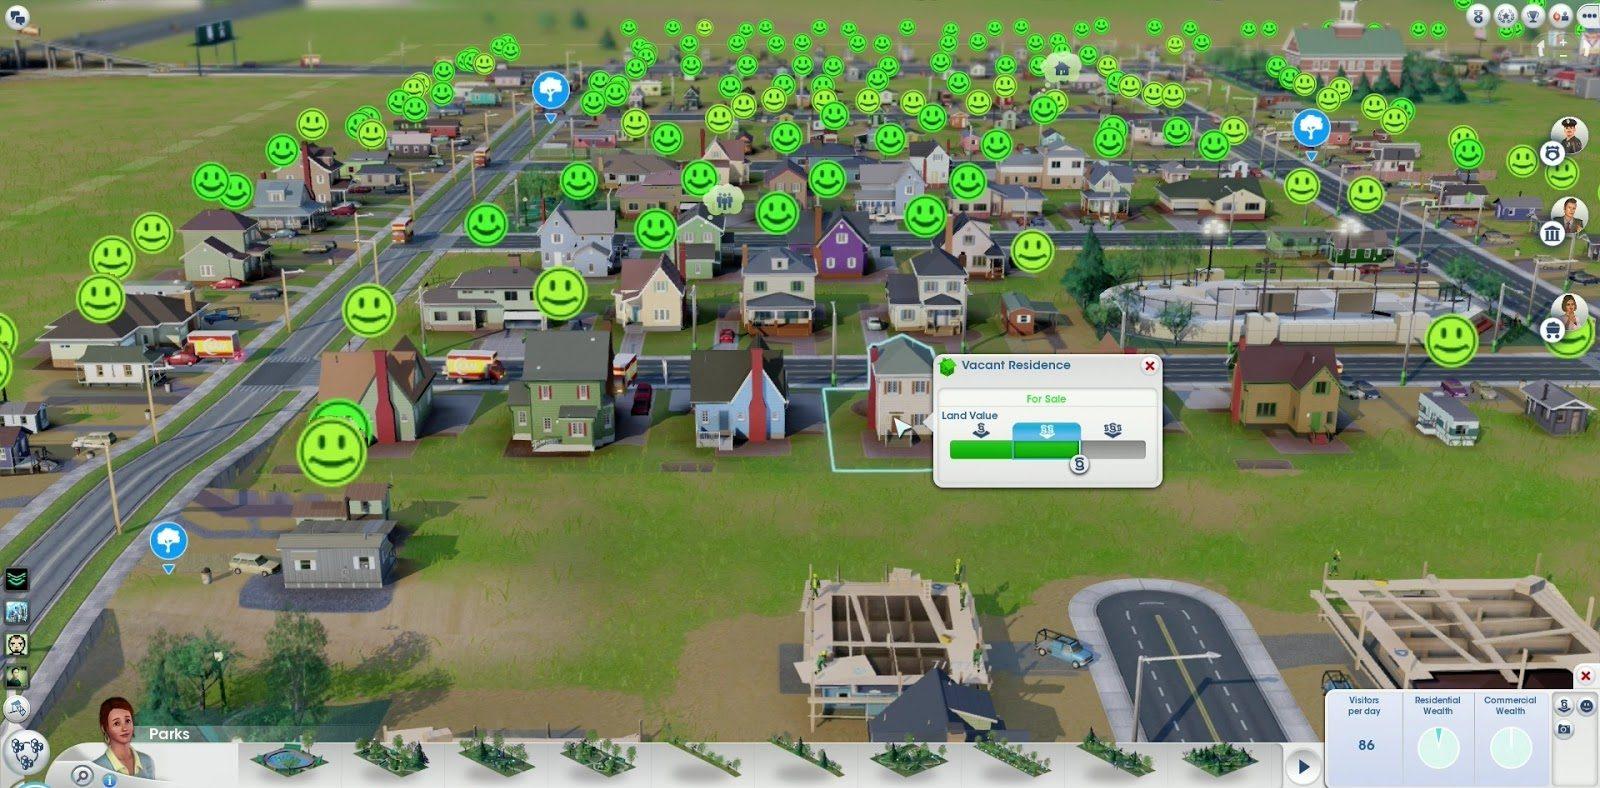 Дополненная и виртуальная реальность в умных городах: как это может быть - 4